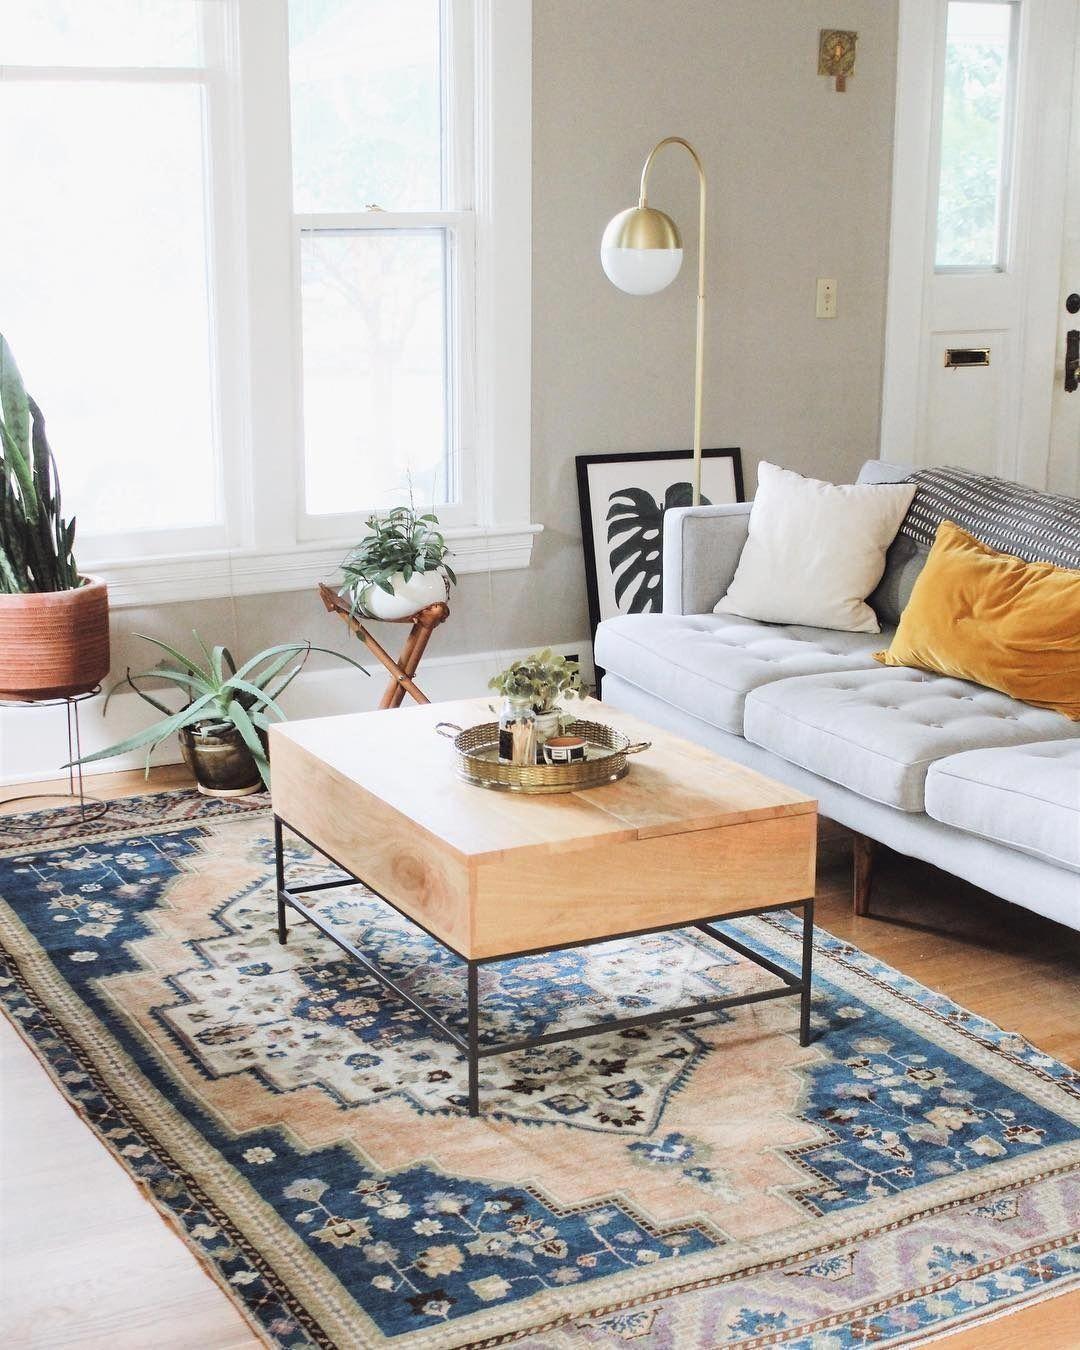 Living Room Vintage Rug Vintage Rug In Modern Room Modern